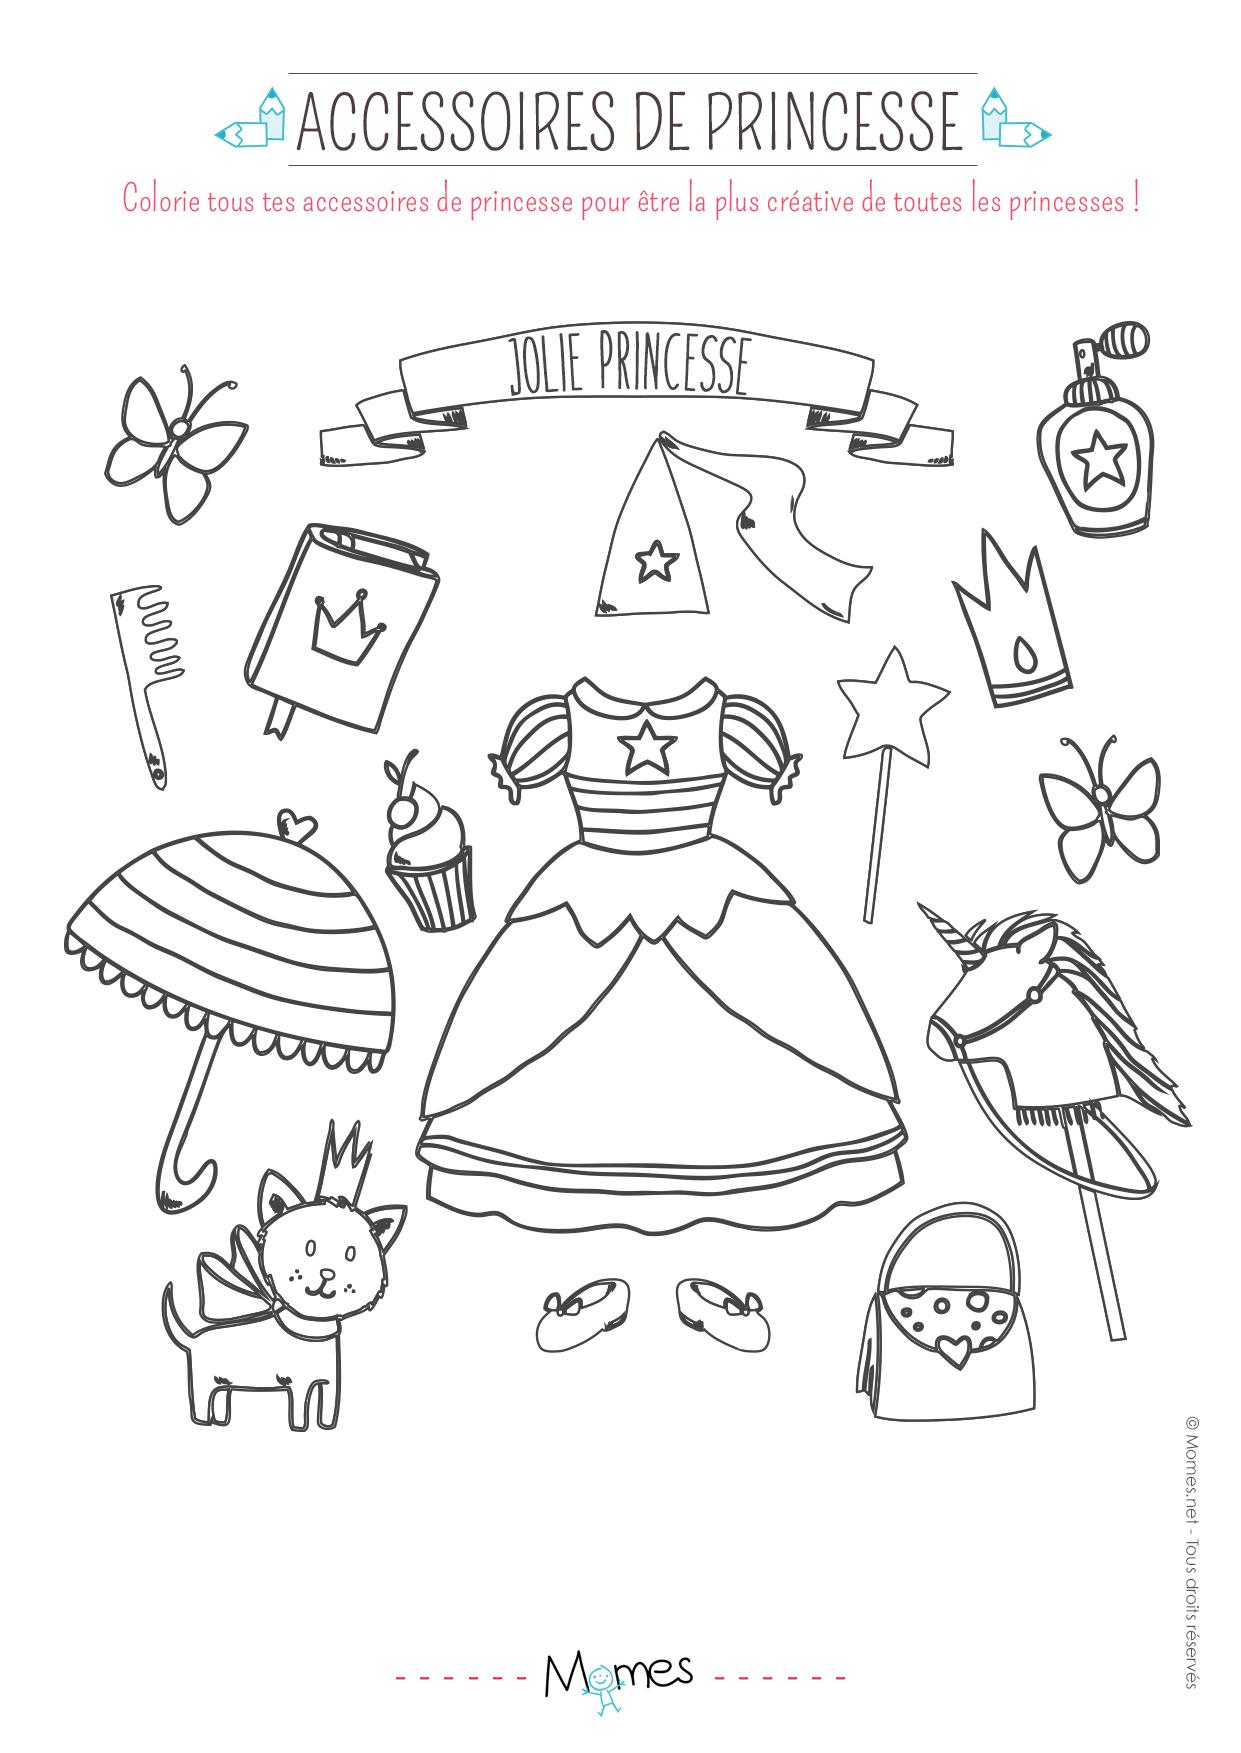 Coloriage Accessoires De Princesse - Momes pour Coloriage À Imprimer Chateau De Princesse